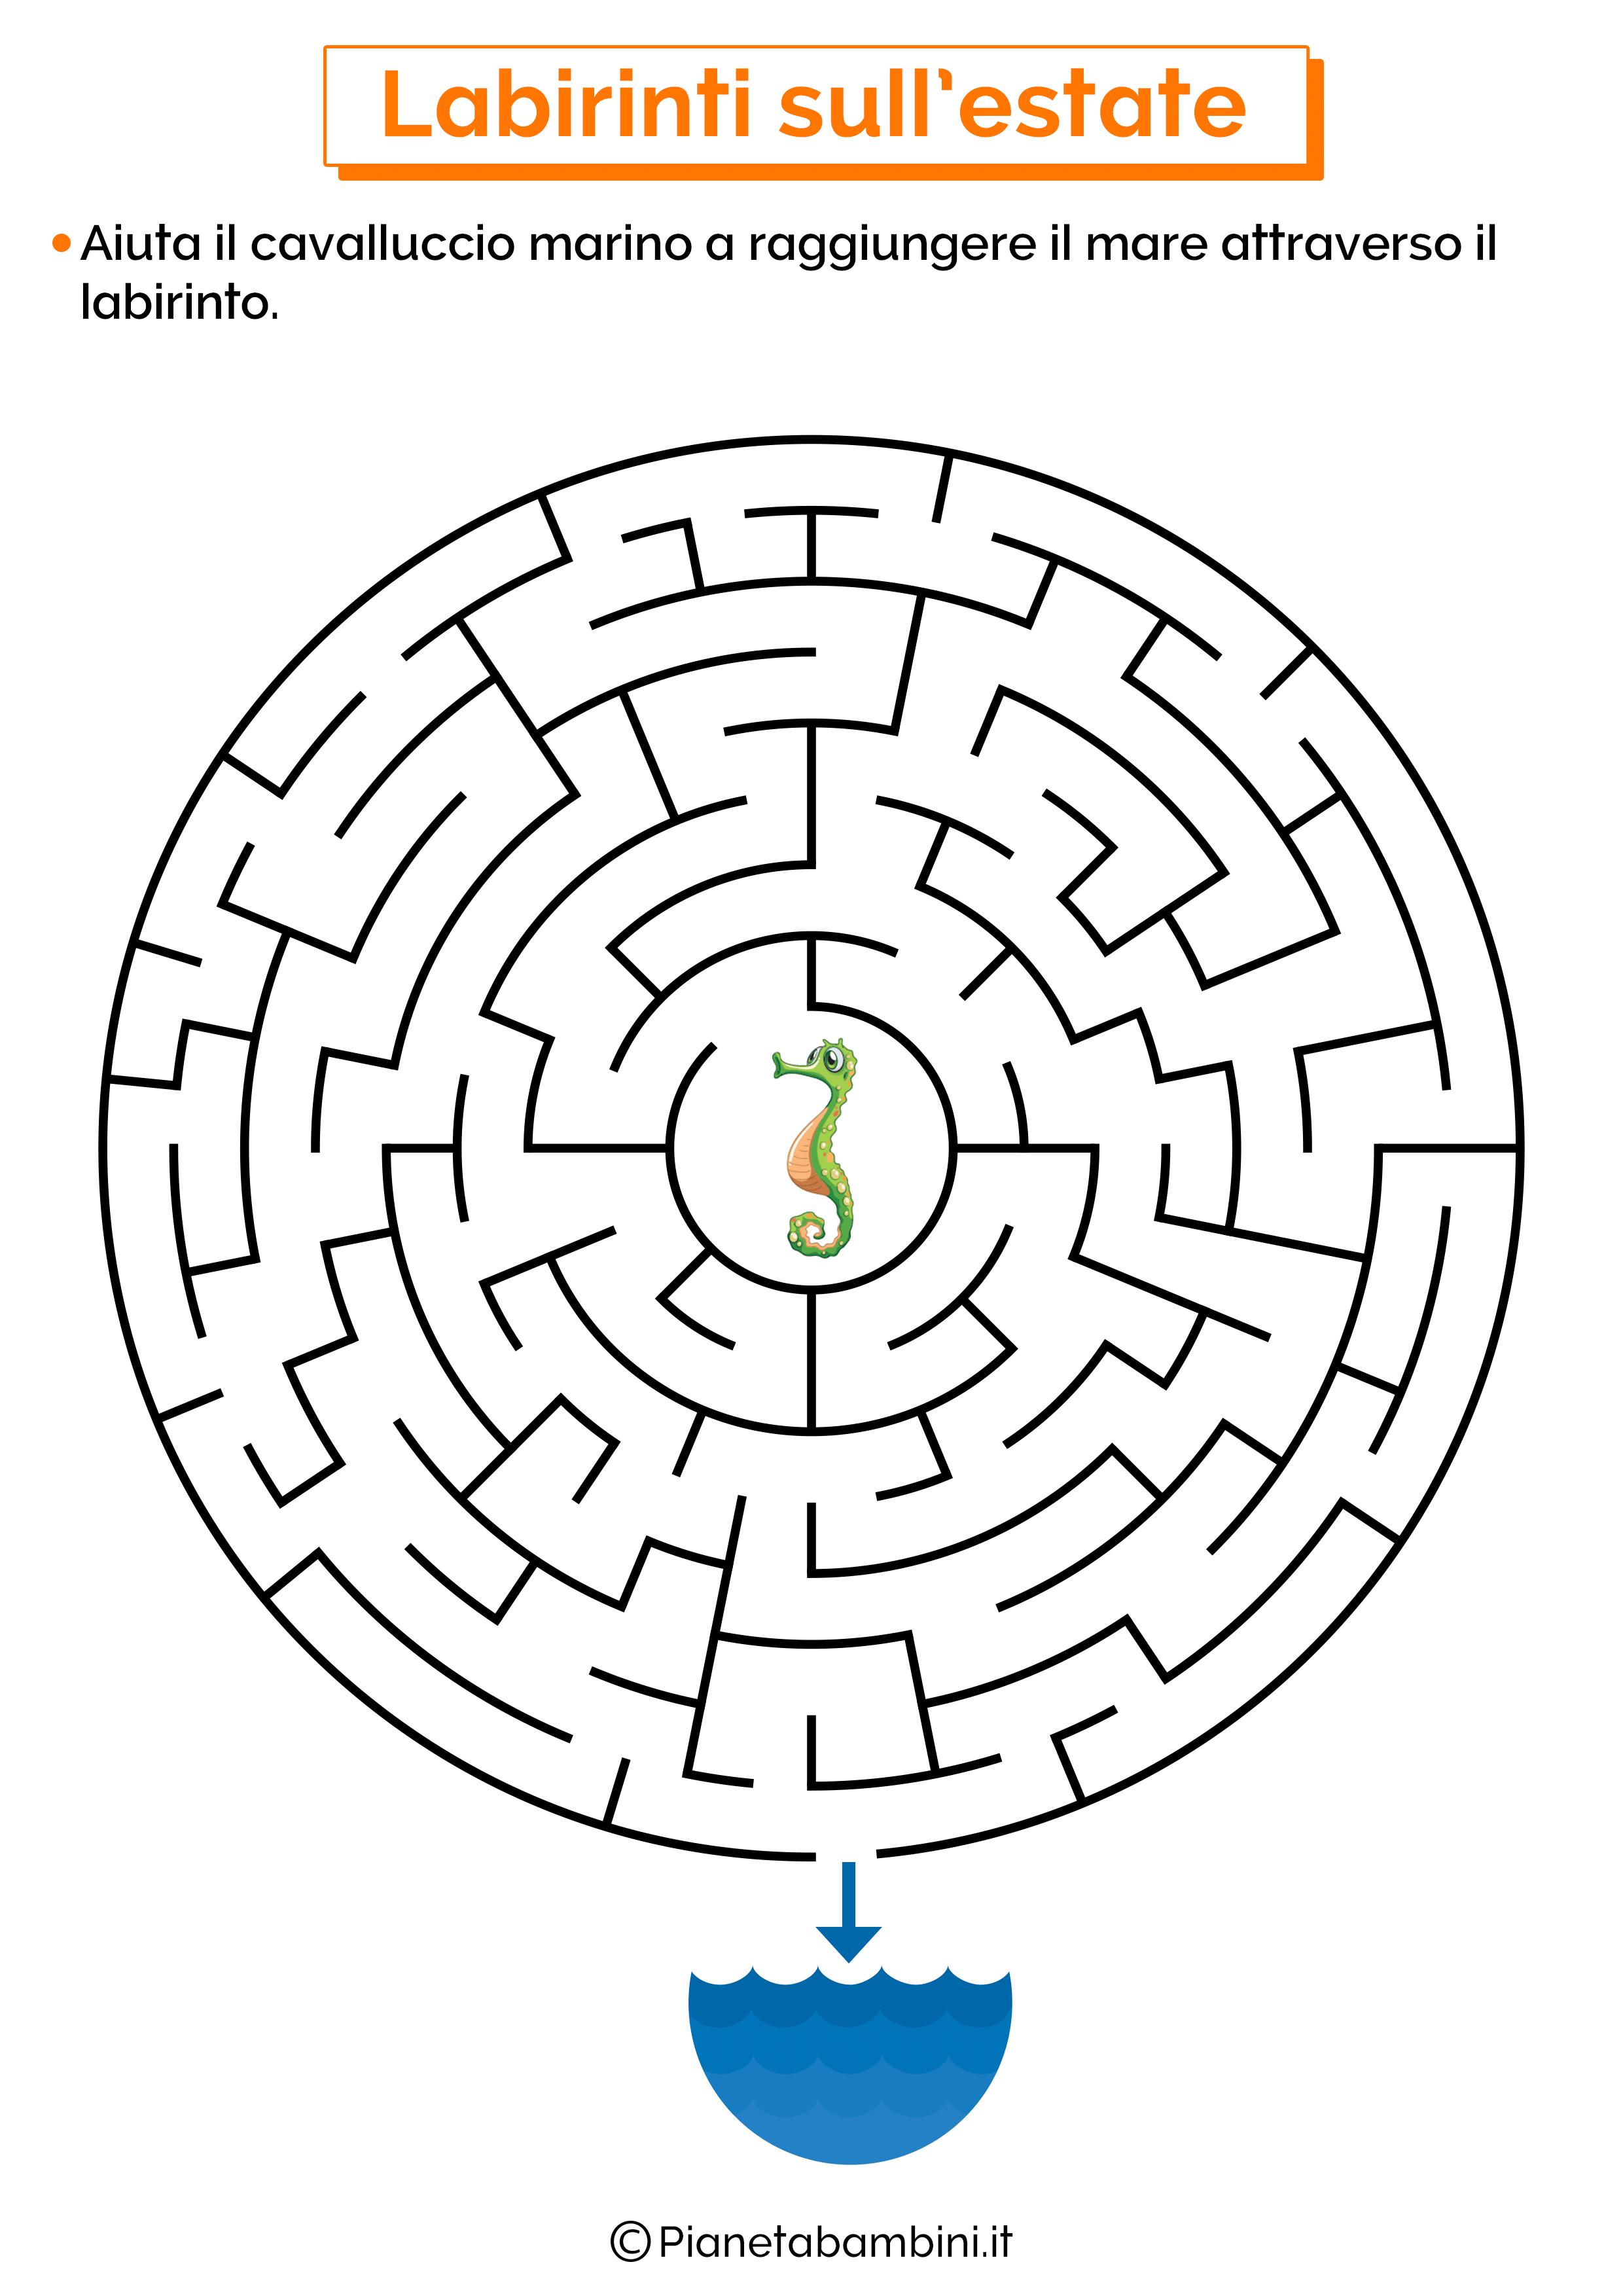 Labirinto sull'estate 04